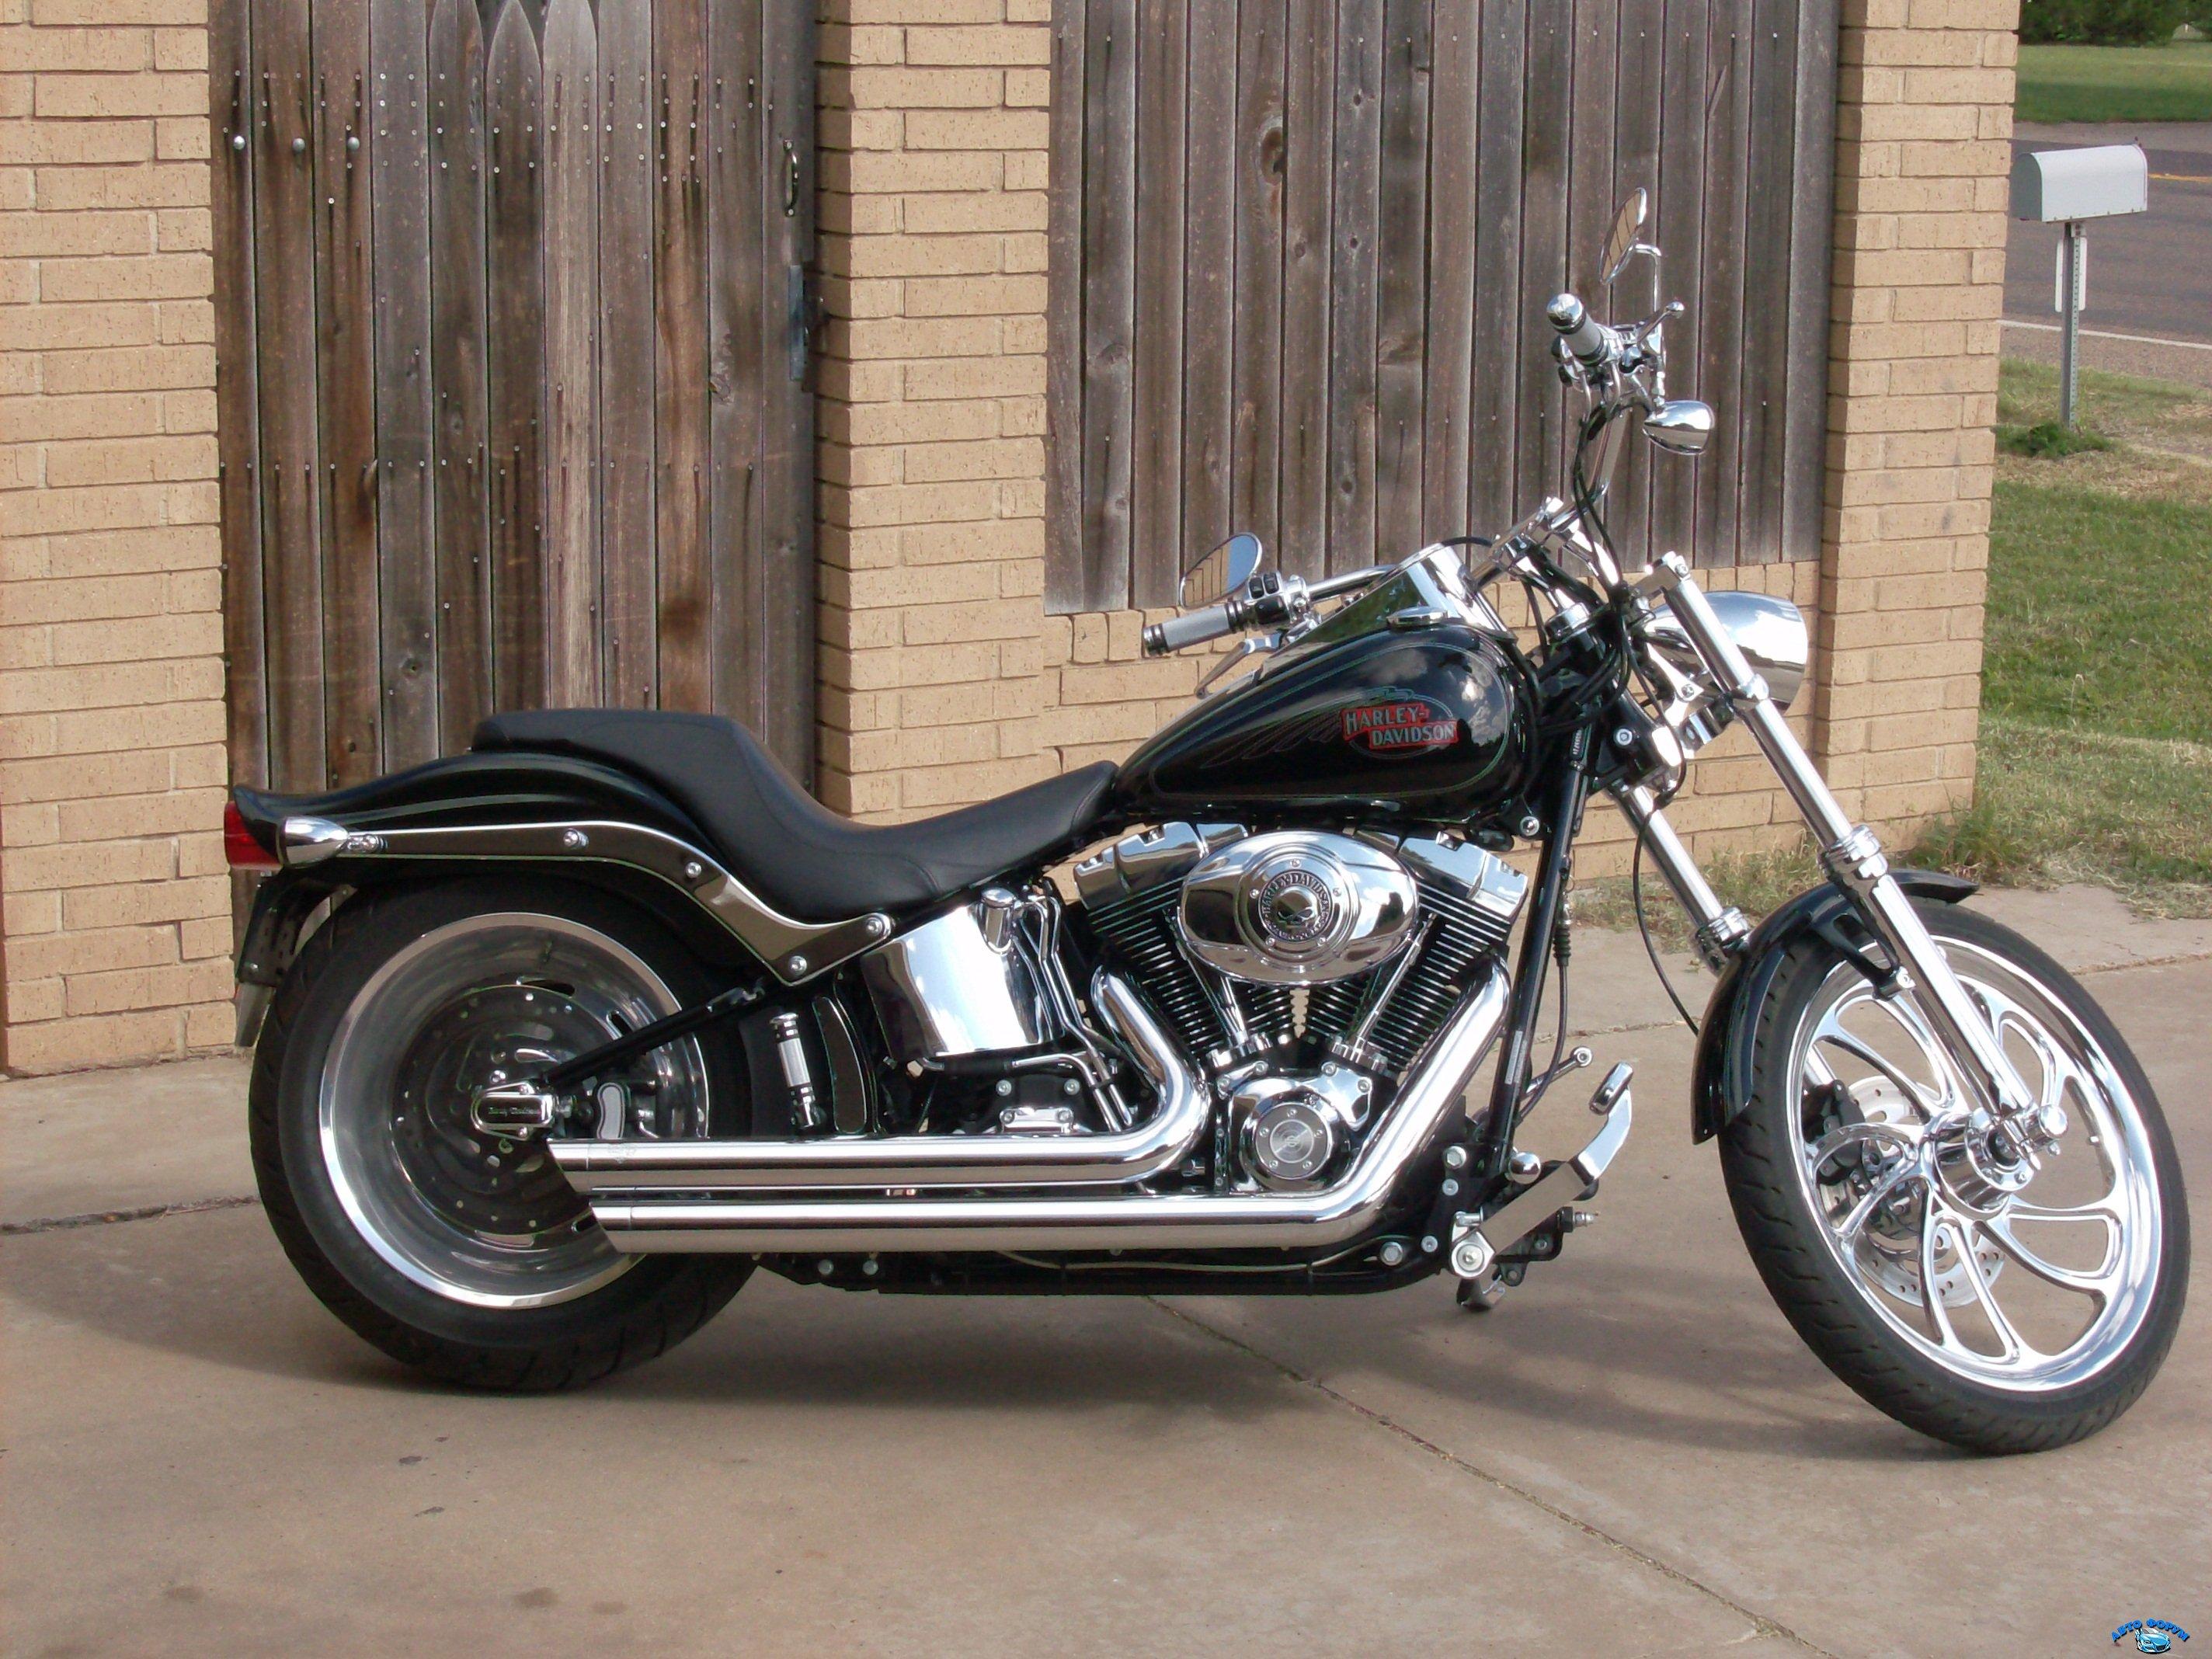 2008_Harley_Davidson_FXSTC_Softail_Custom.jpg